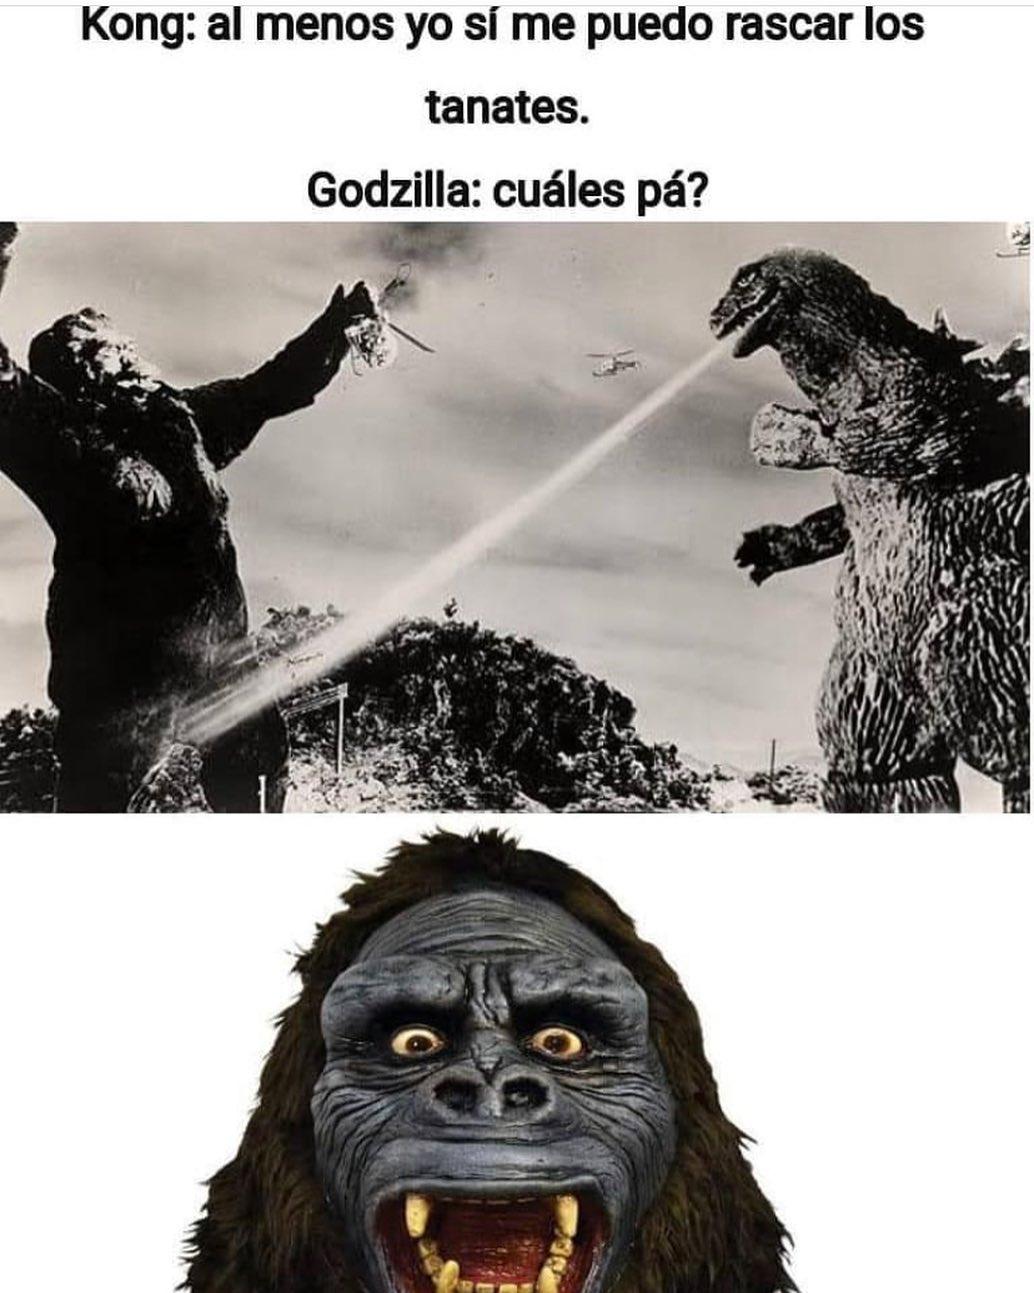 Kong: Al menos yo sí me puedo rascar los tanates.  Godzilla: Cuáles pá?